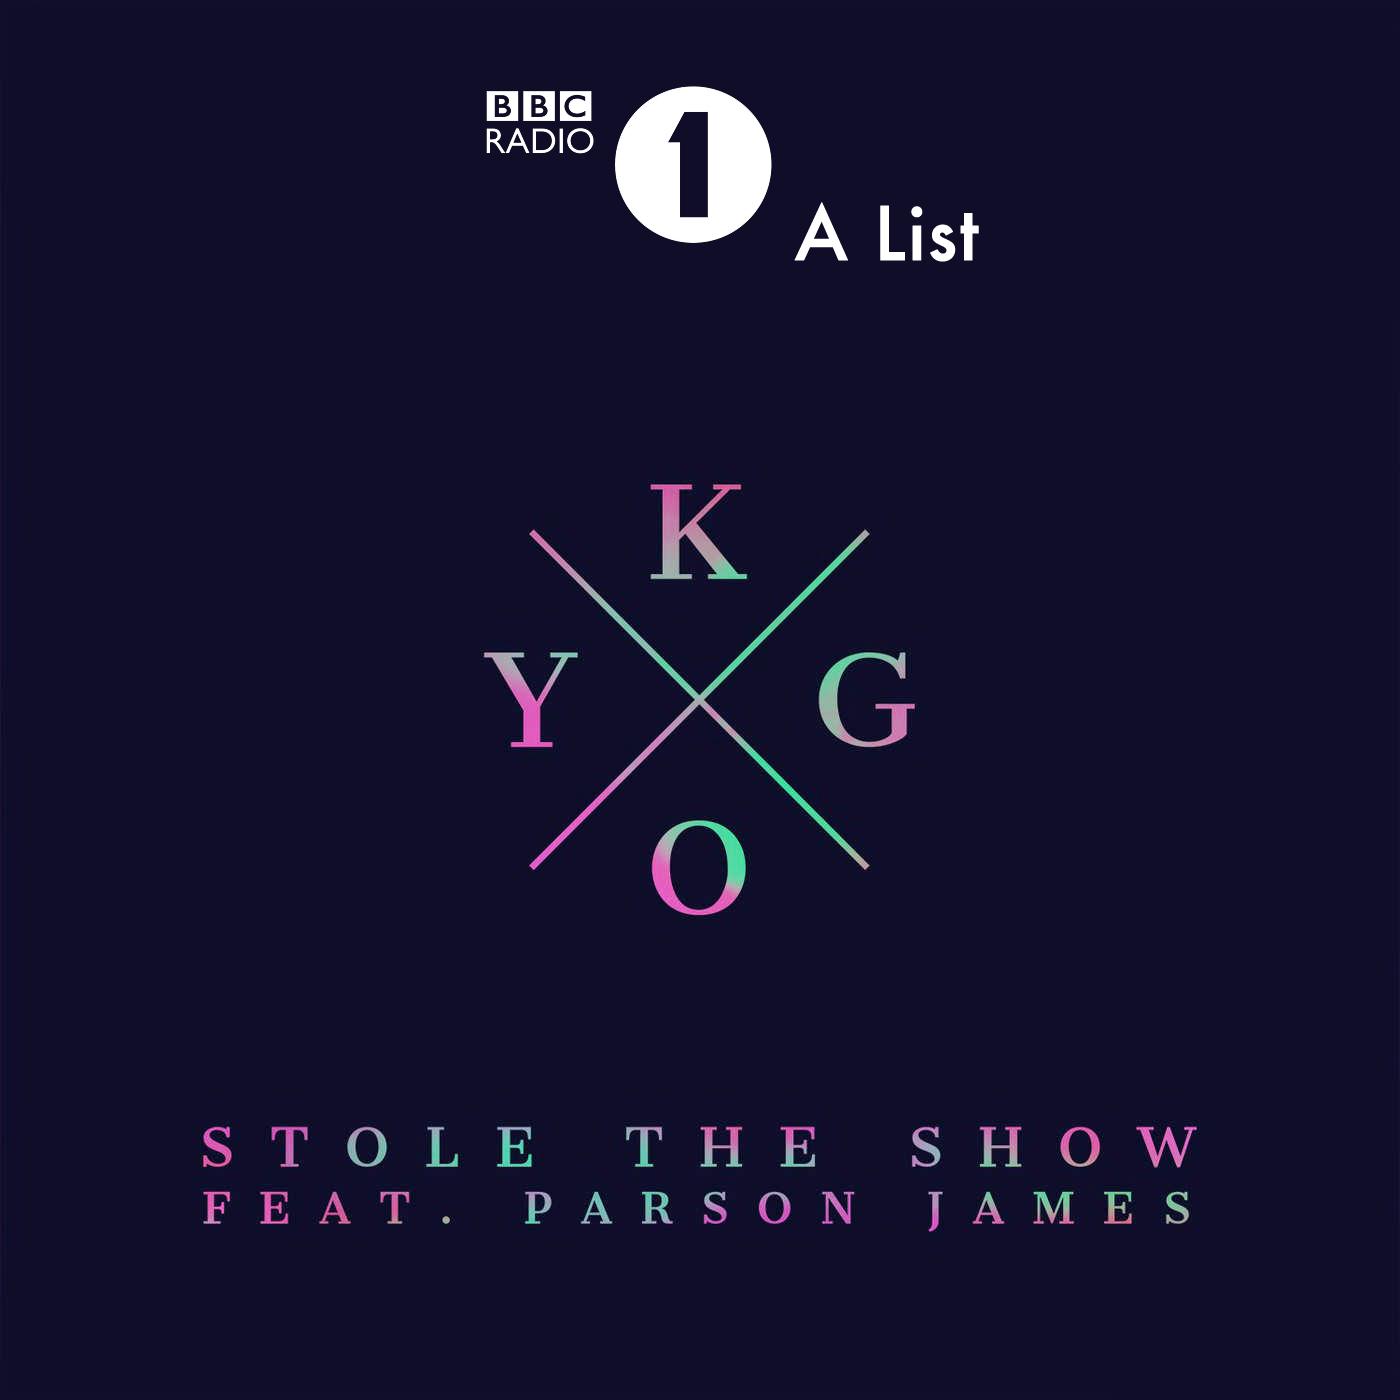 Kygo's 'Stole The Show' reaches Radio 1 A playlist!